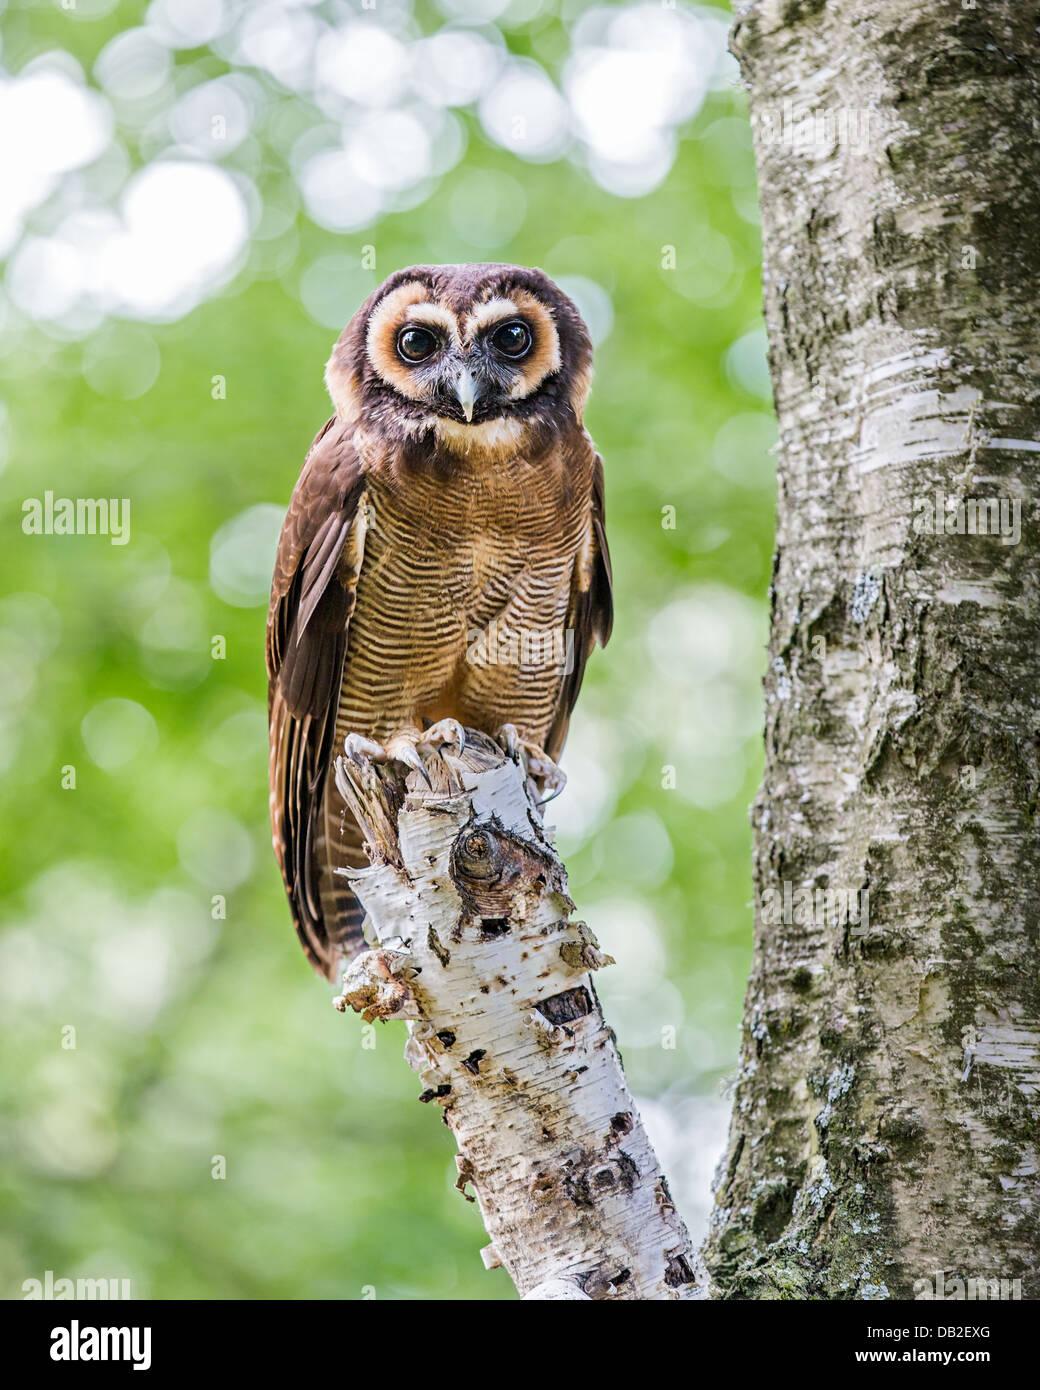 Braune Holz-Eule (Strix Leptogrammica) thront auf einem Baum. Auch bekannt als malaysische Holz Eule. Stockfoto